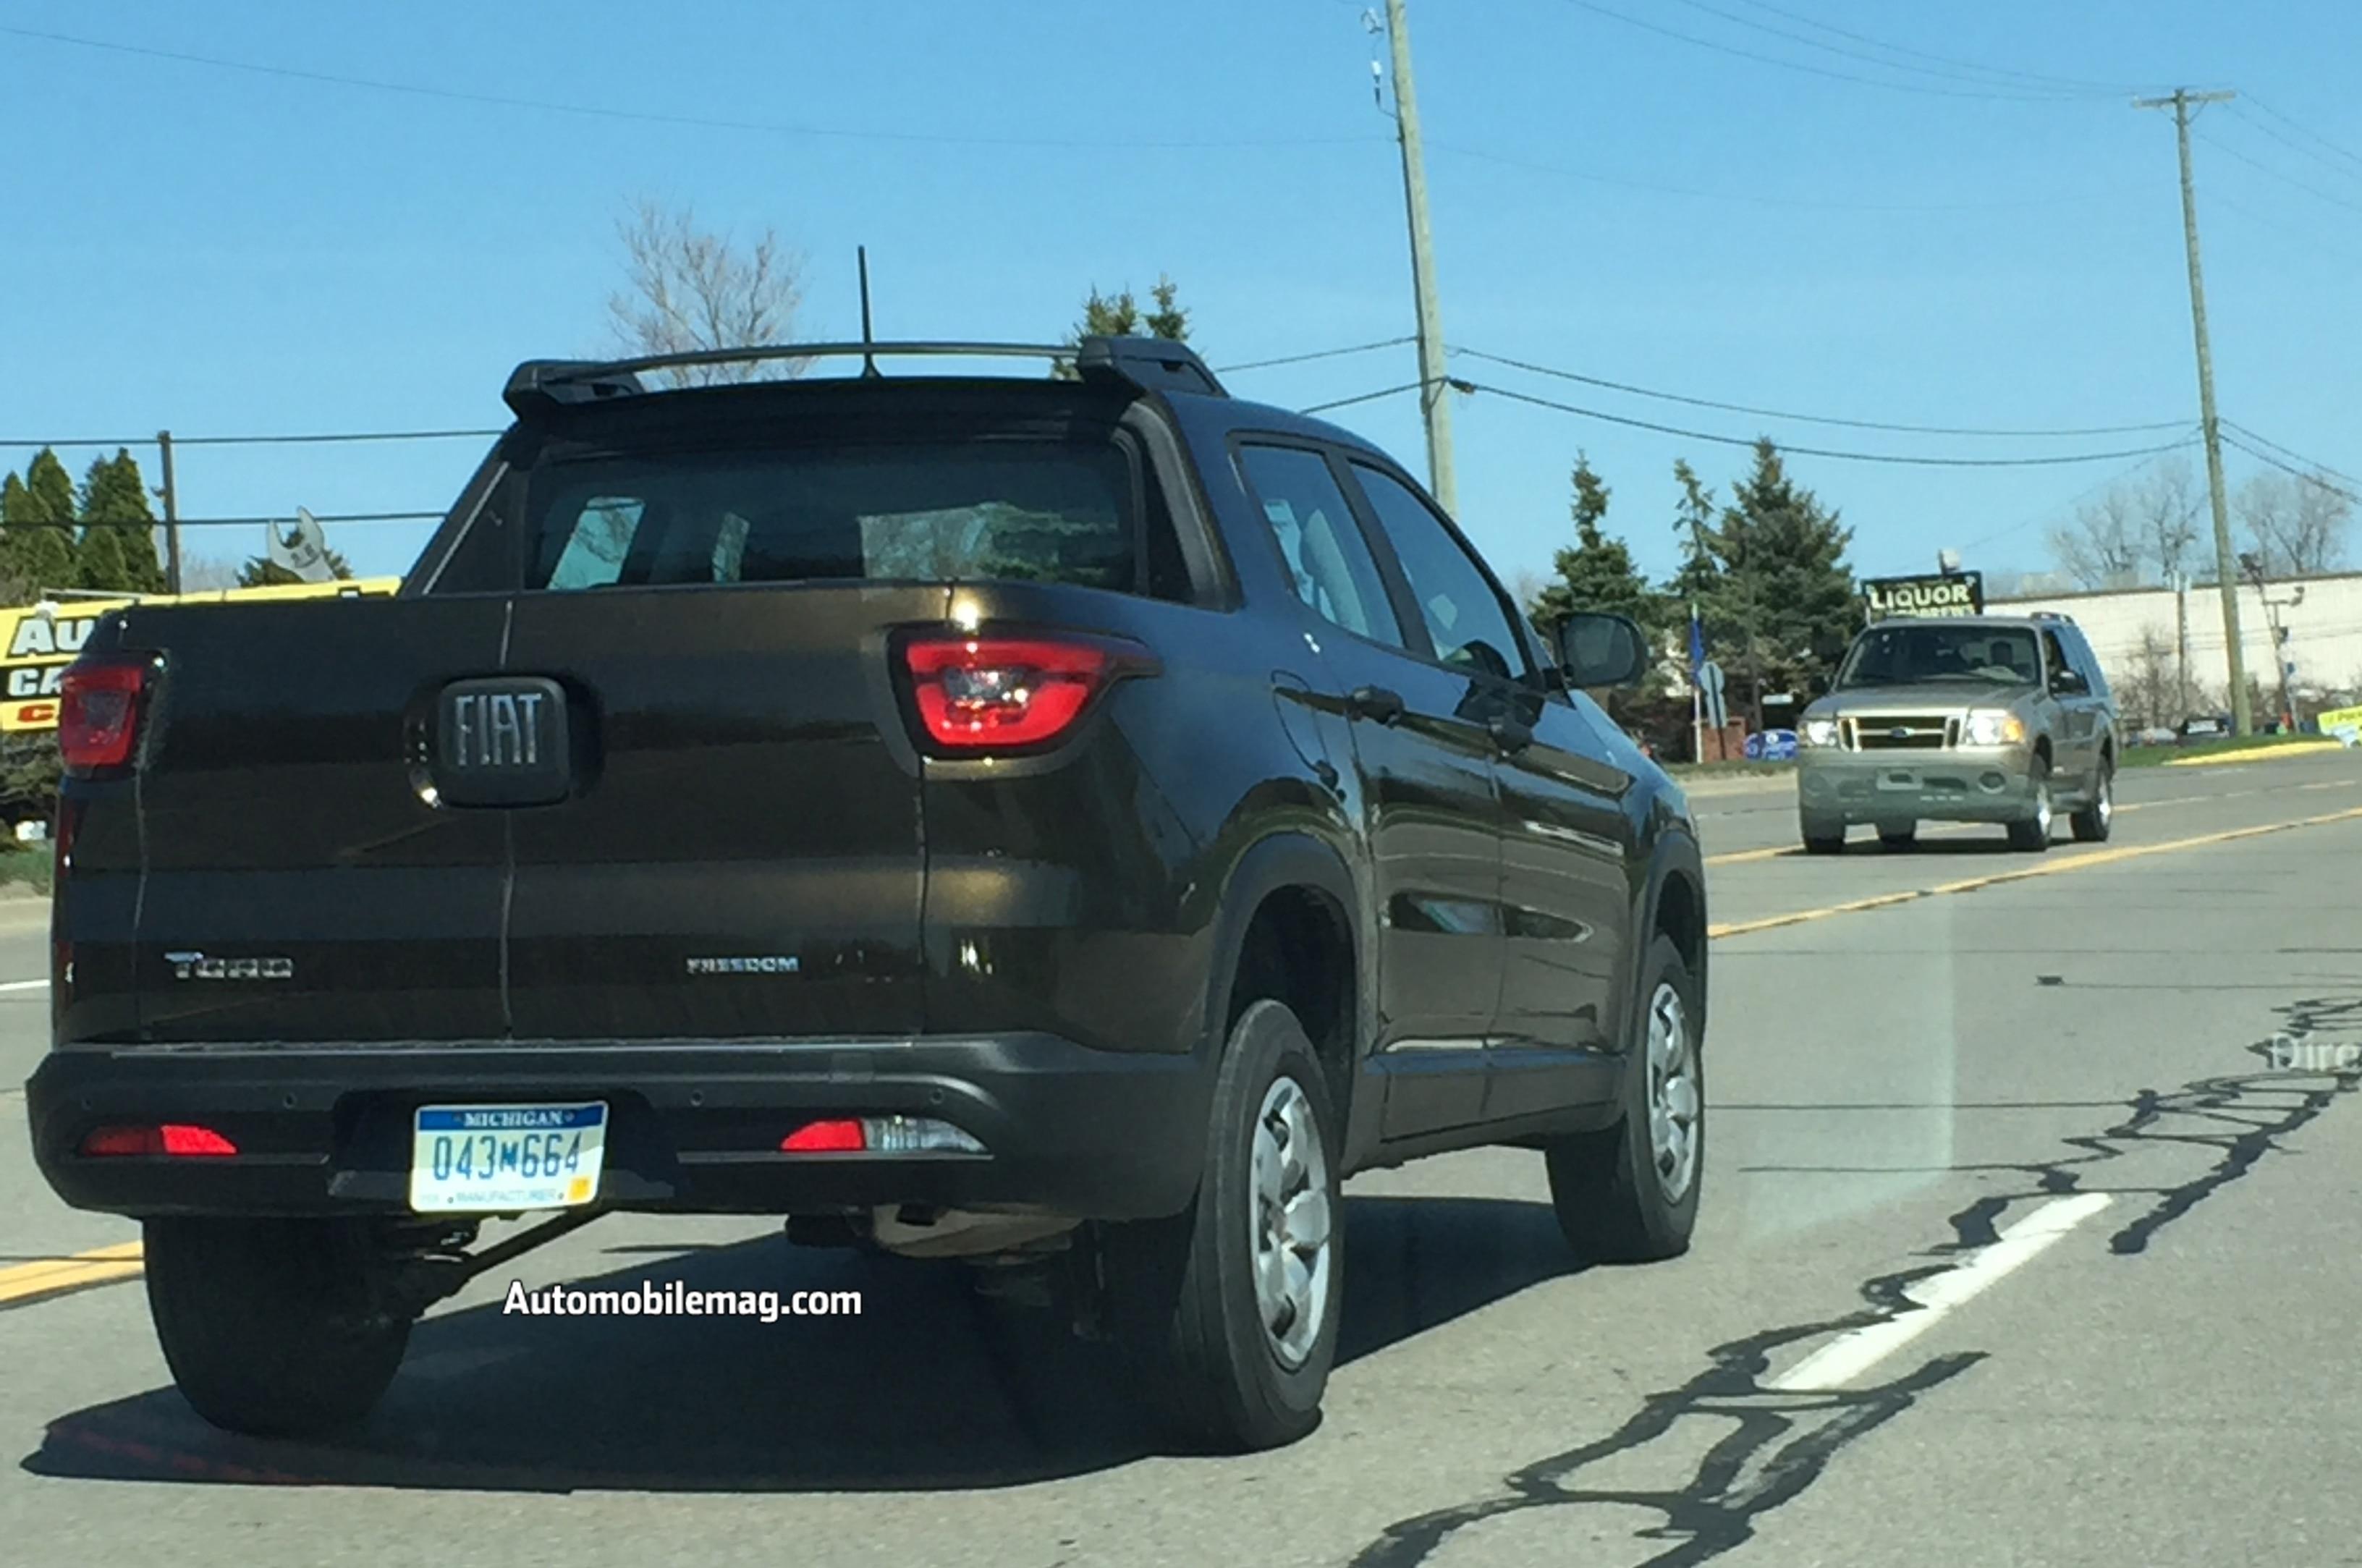 2020 Fiat Toro Release Date, Specs, Price, And Design >> Fiat Toro Pickup Spied On Public Roads In Michigan Automobile Magazine